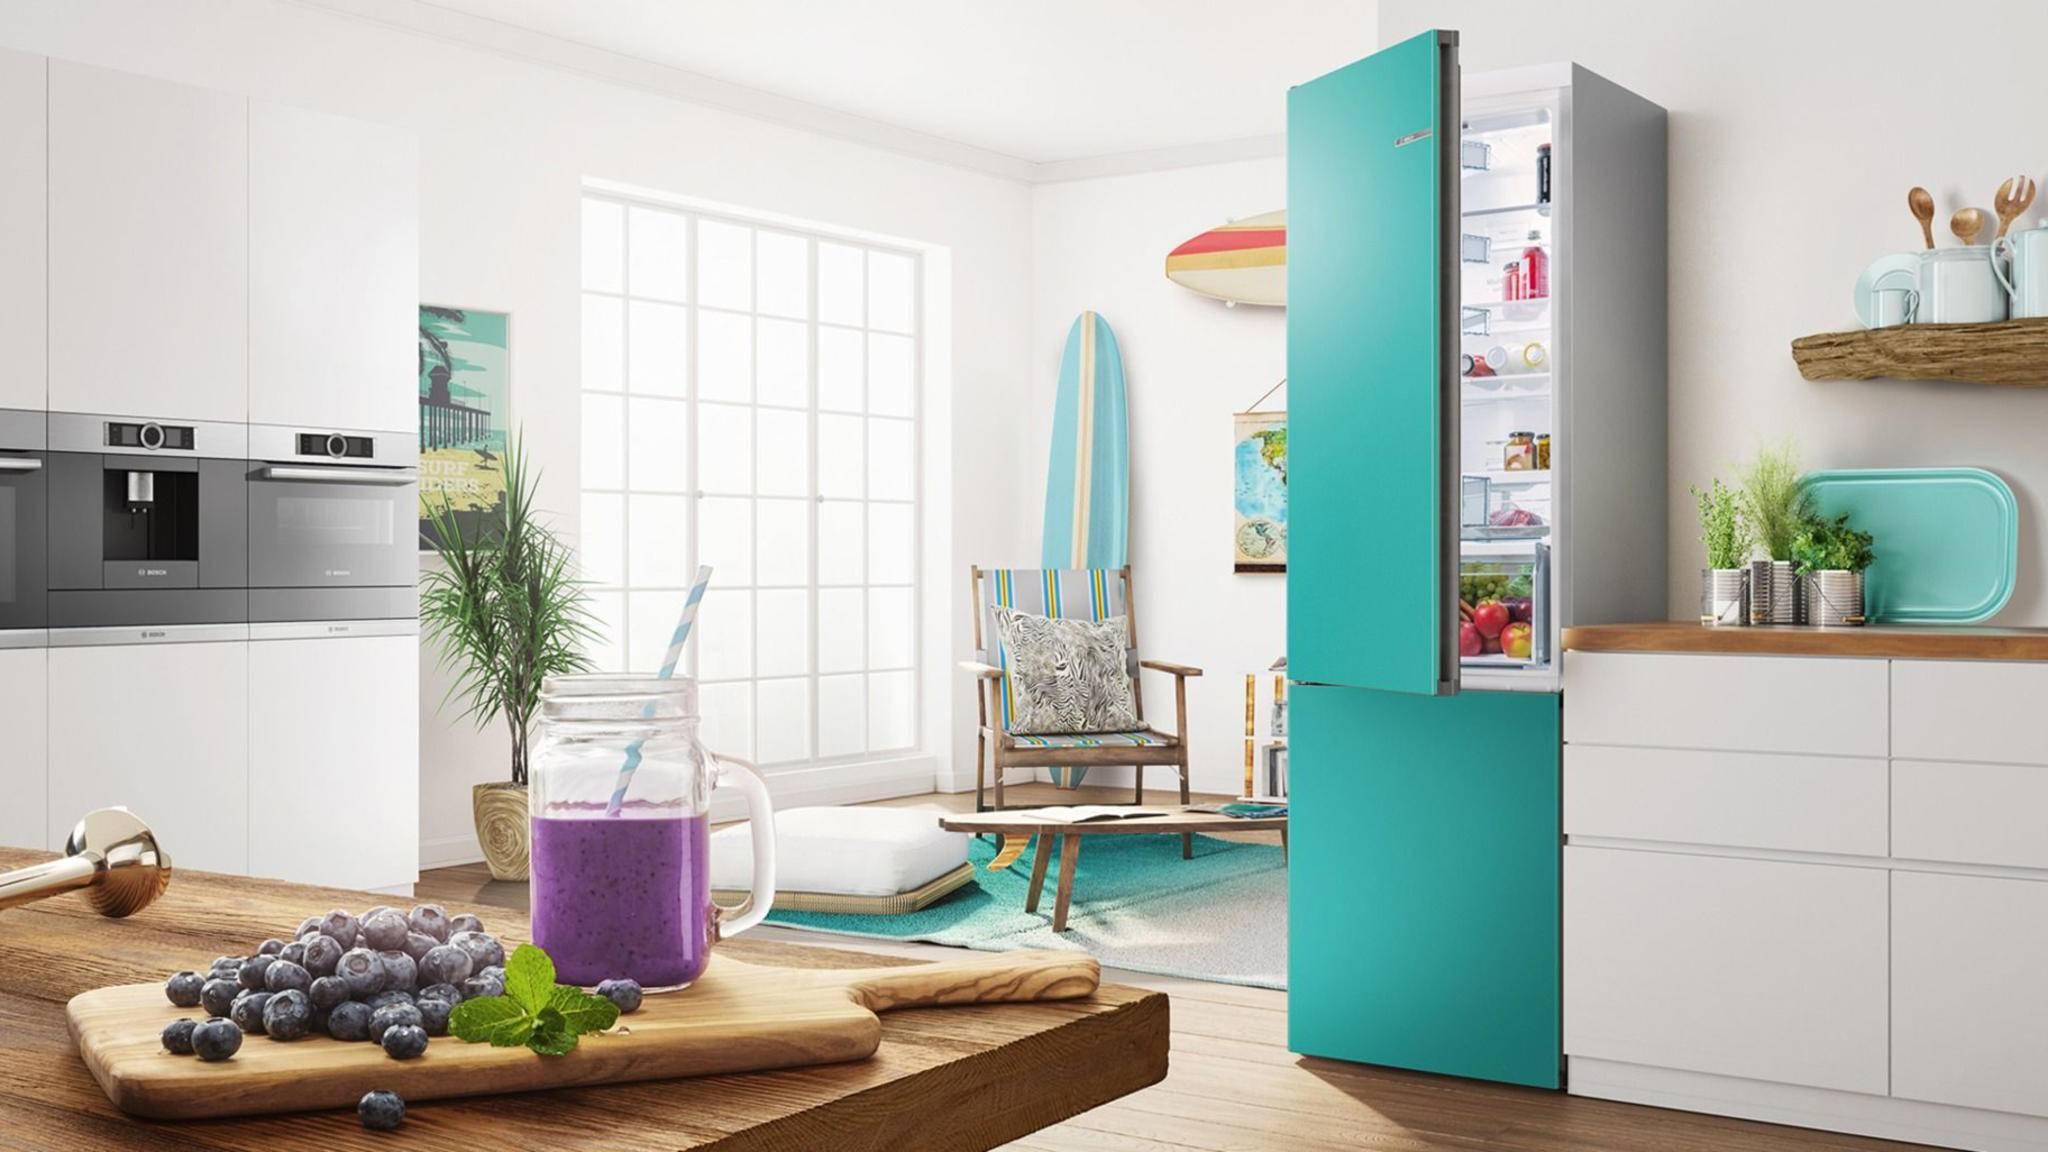 Bosch Kühlschrank Zu Laut : Vario style dieser kühlschrank wechselt im nu seine farbe